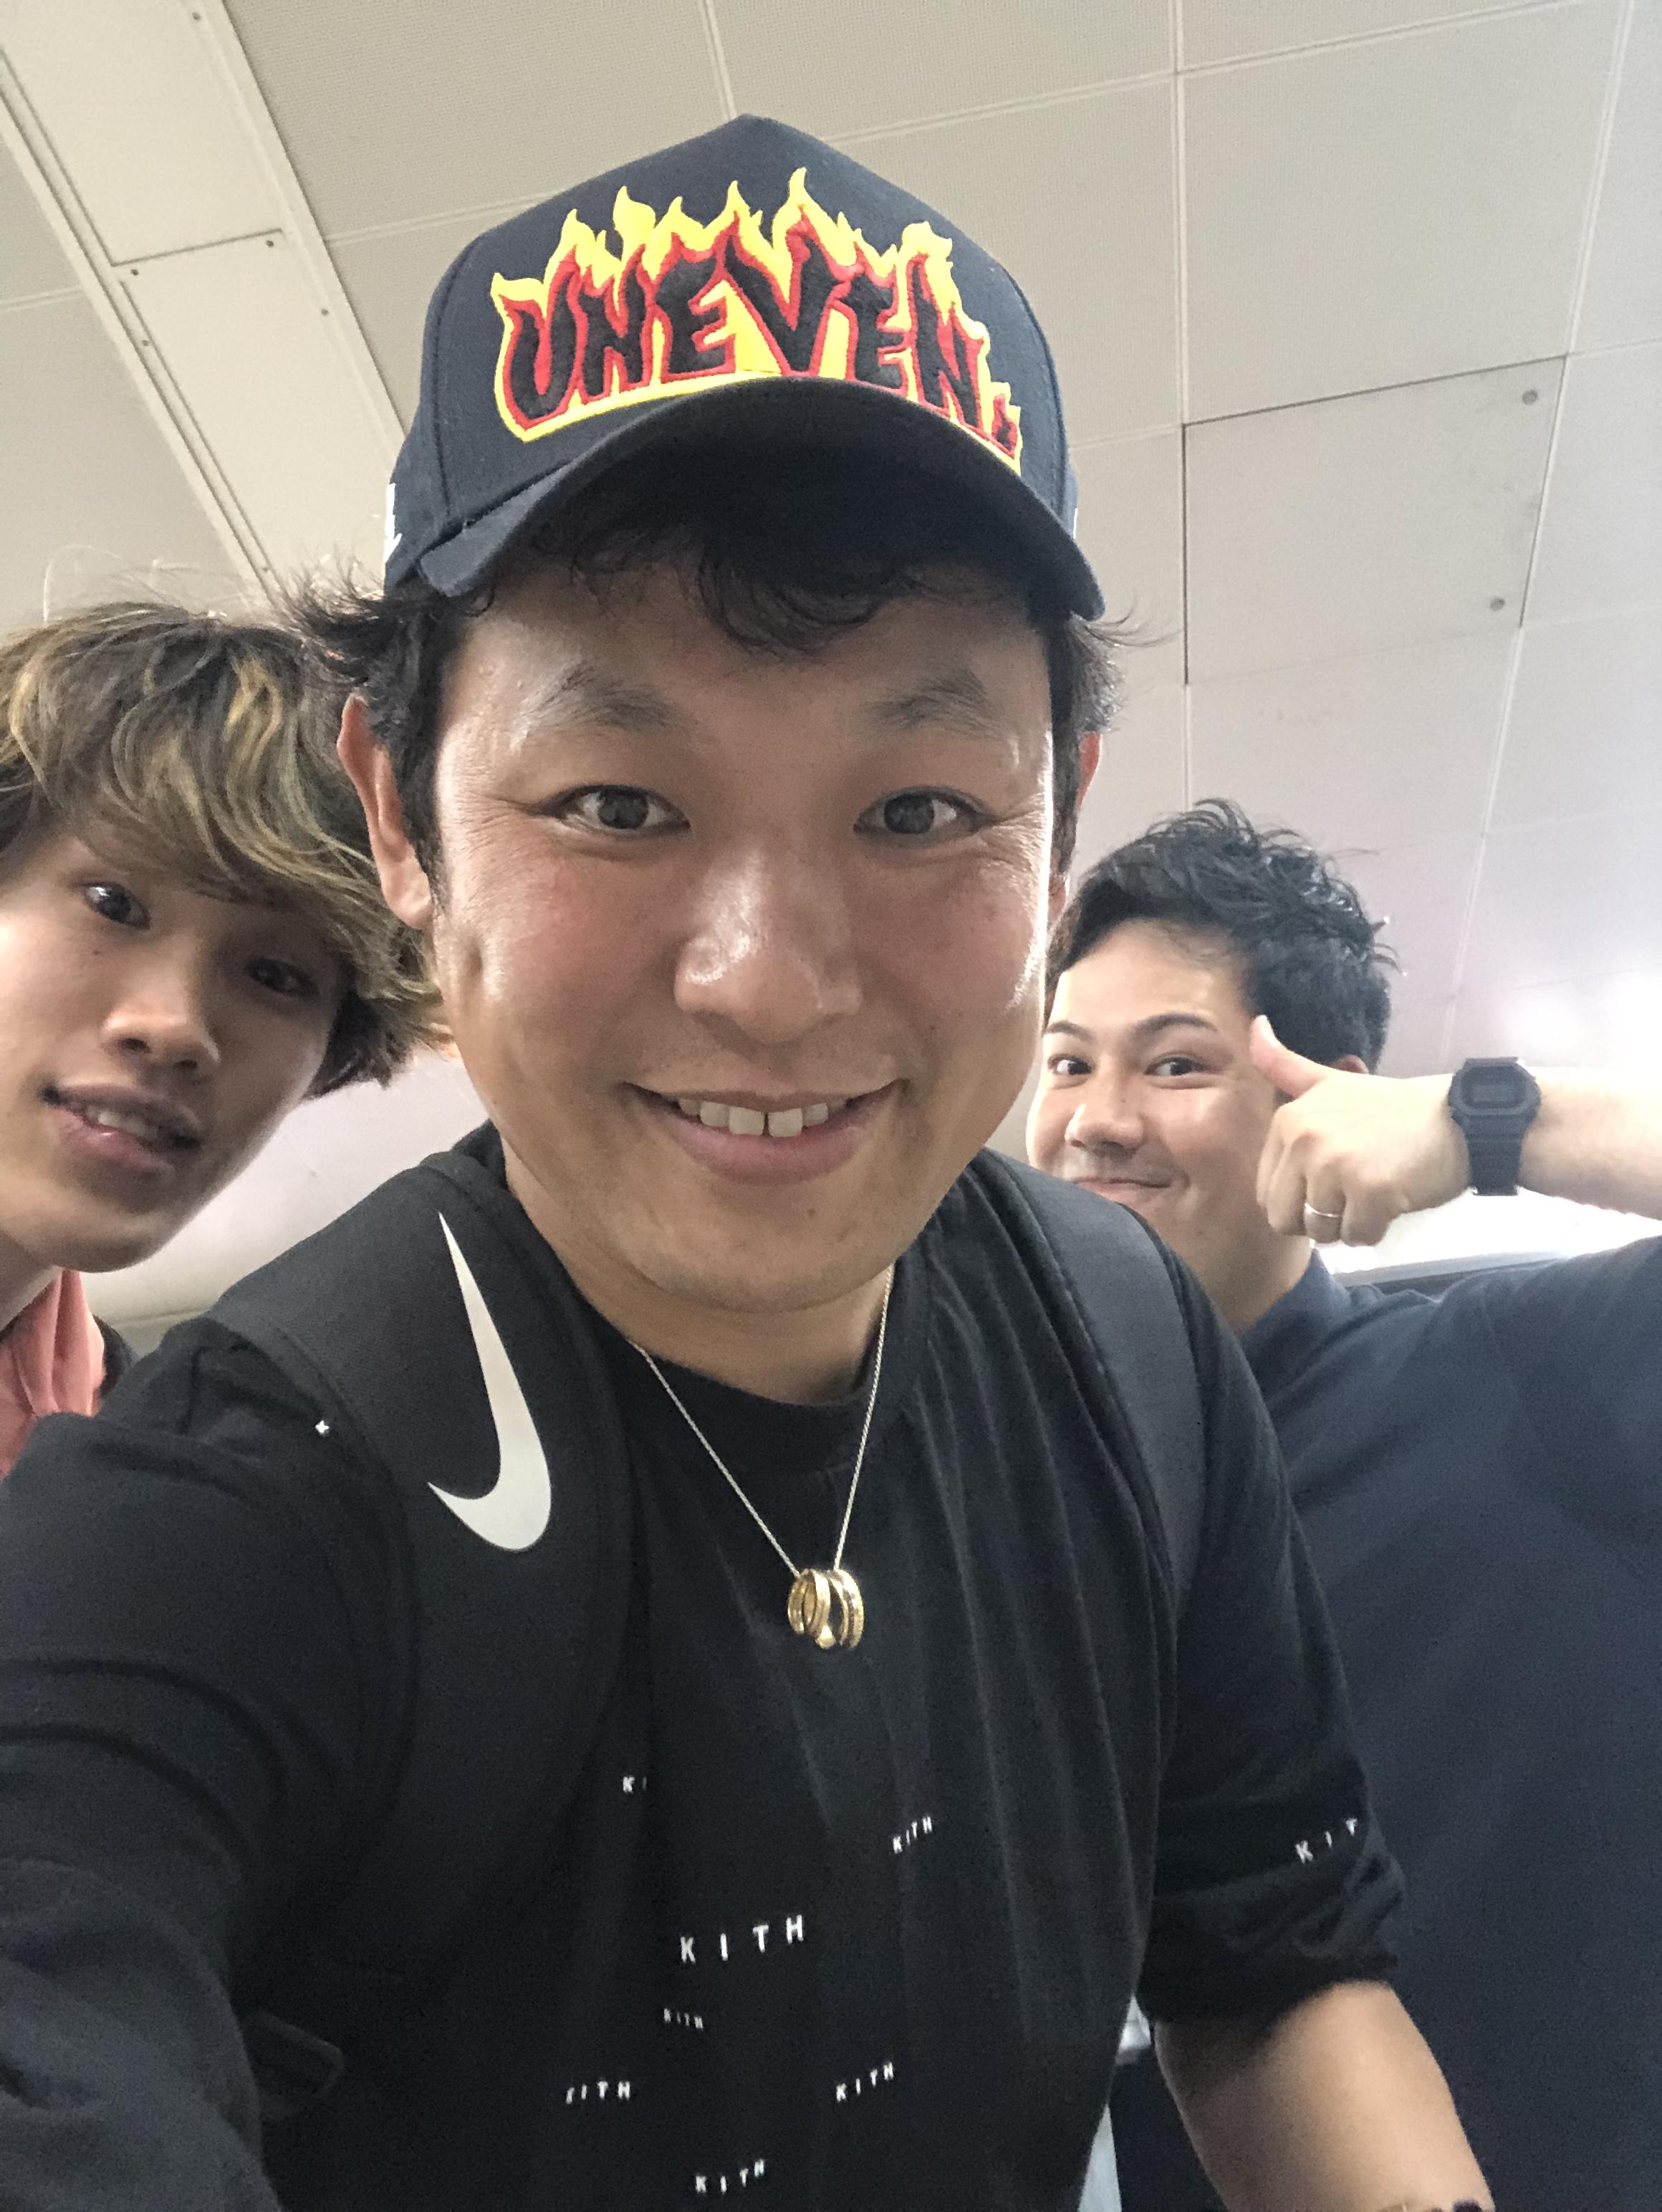 2019.9.30 SHISEIDOU名古屋セミナーの【告知】です。